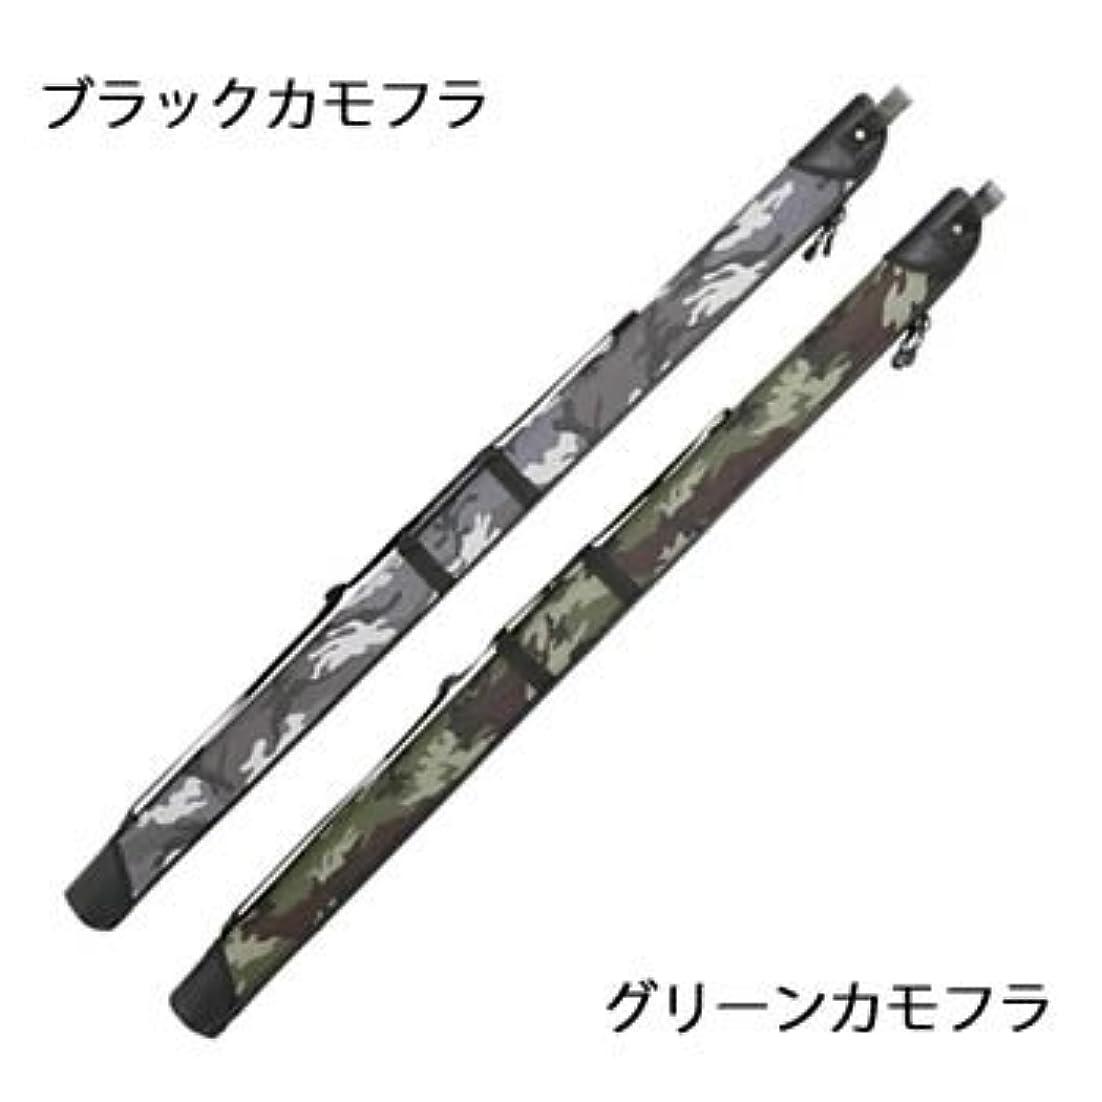 メッセンジャーアフリカ細心のロッドケース カモフラSHスリムロッドケース ARK701 130cm ★